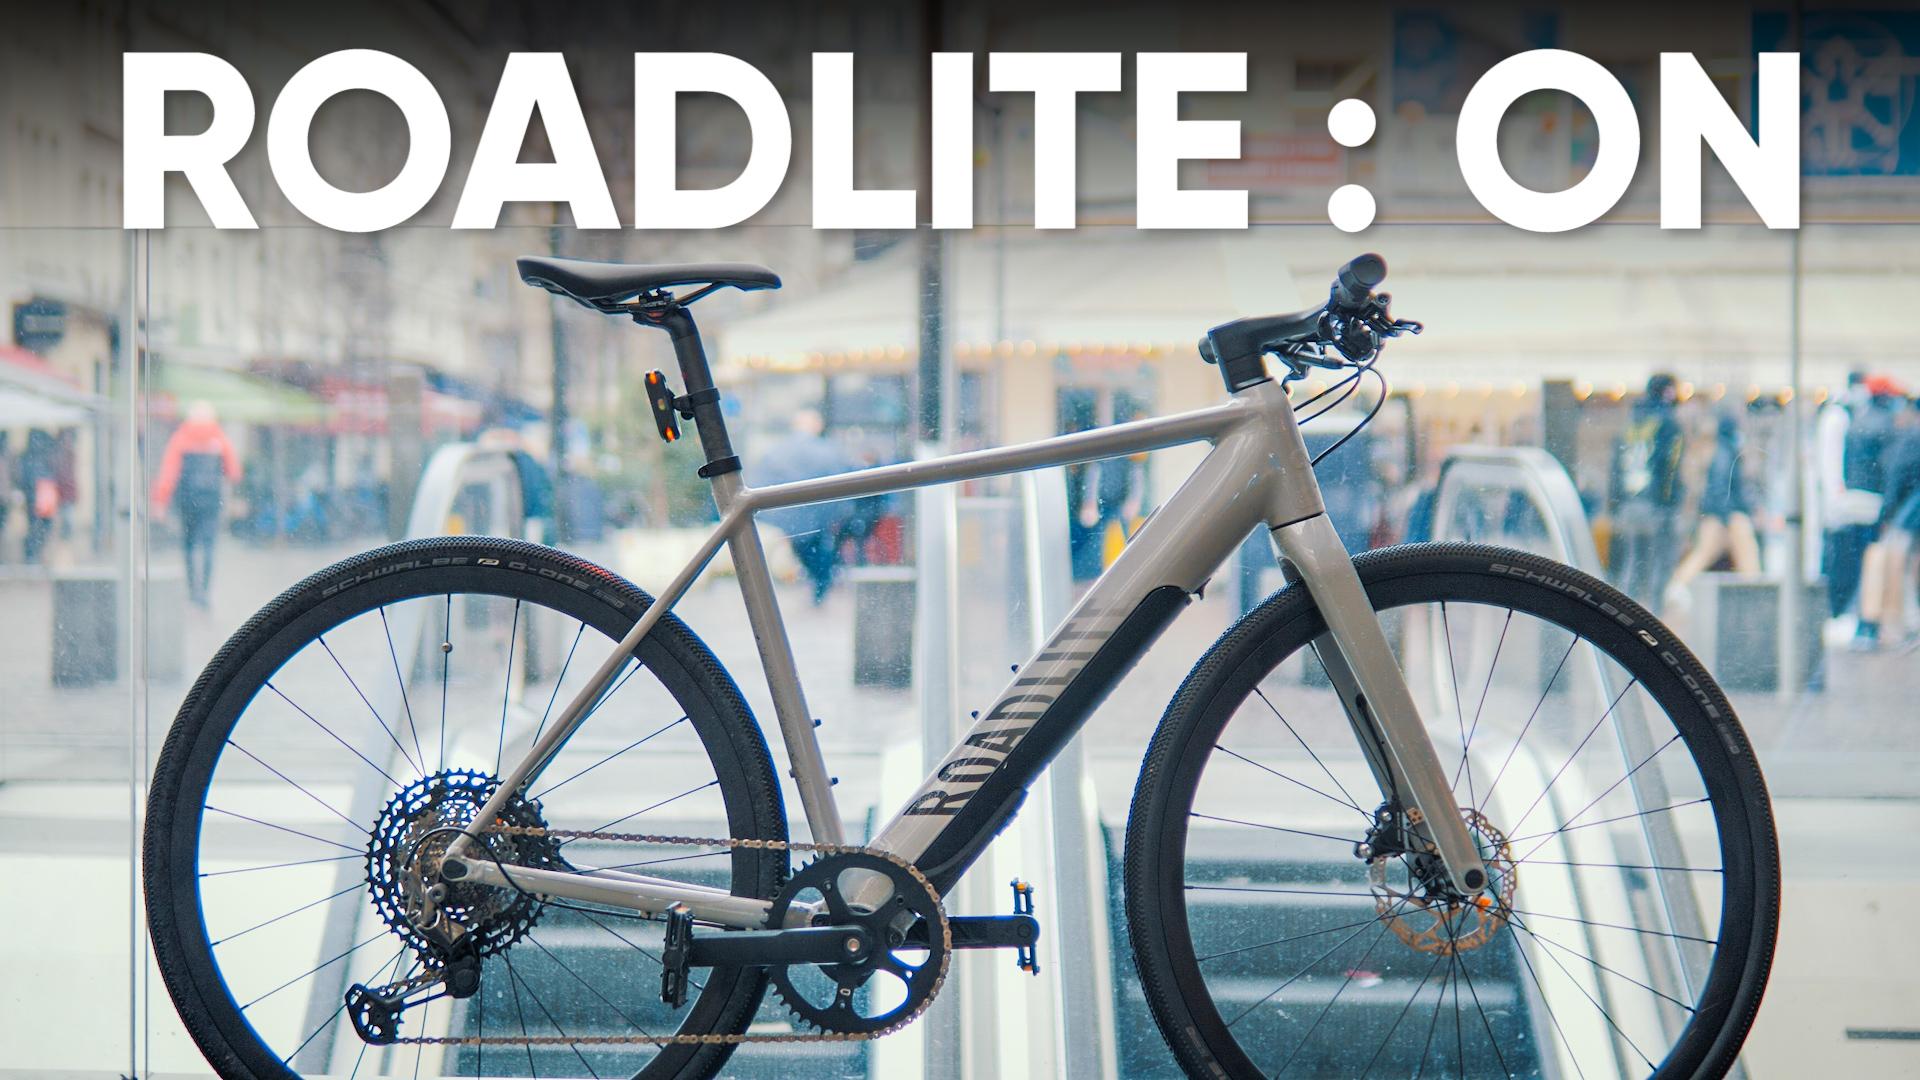 Test du Canyon Roadlite:On : notre vélo coup de cœur